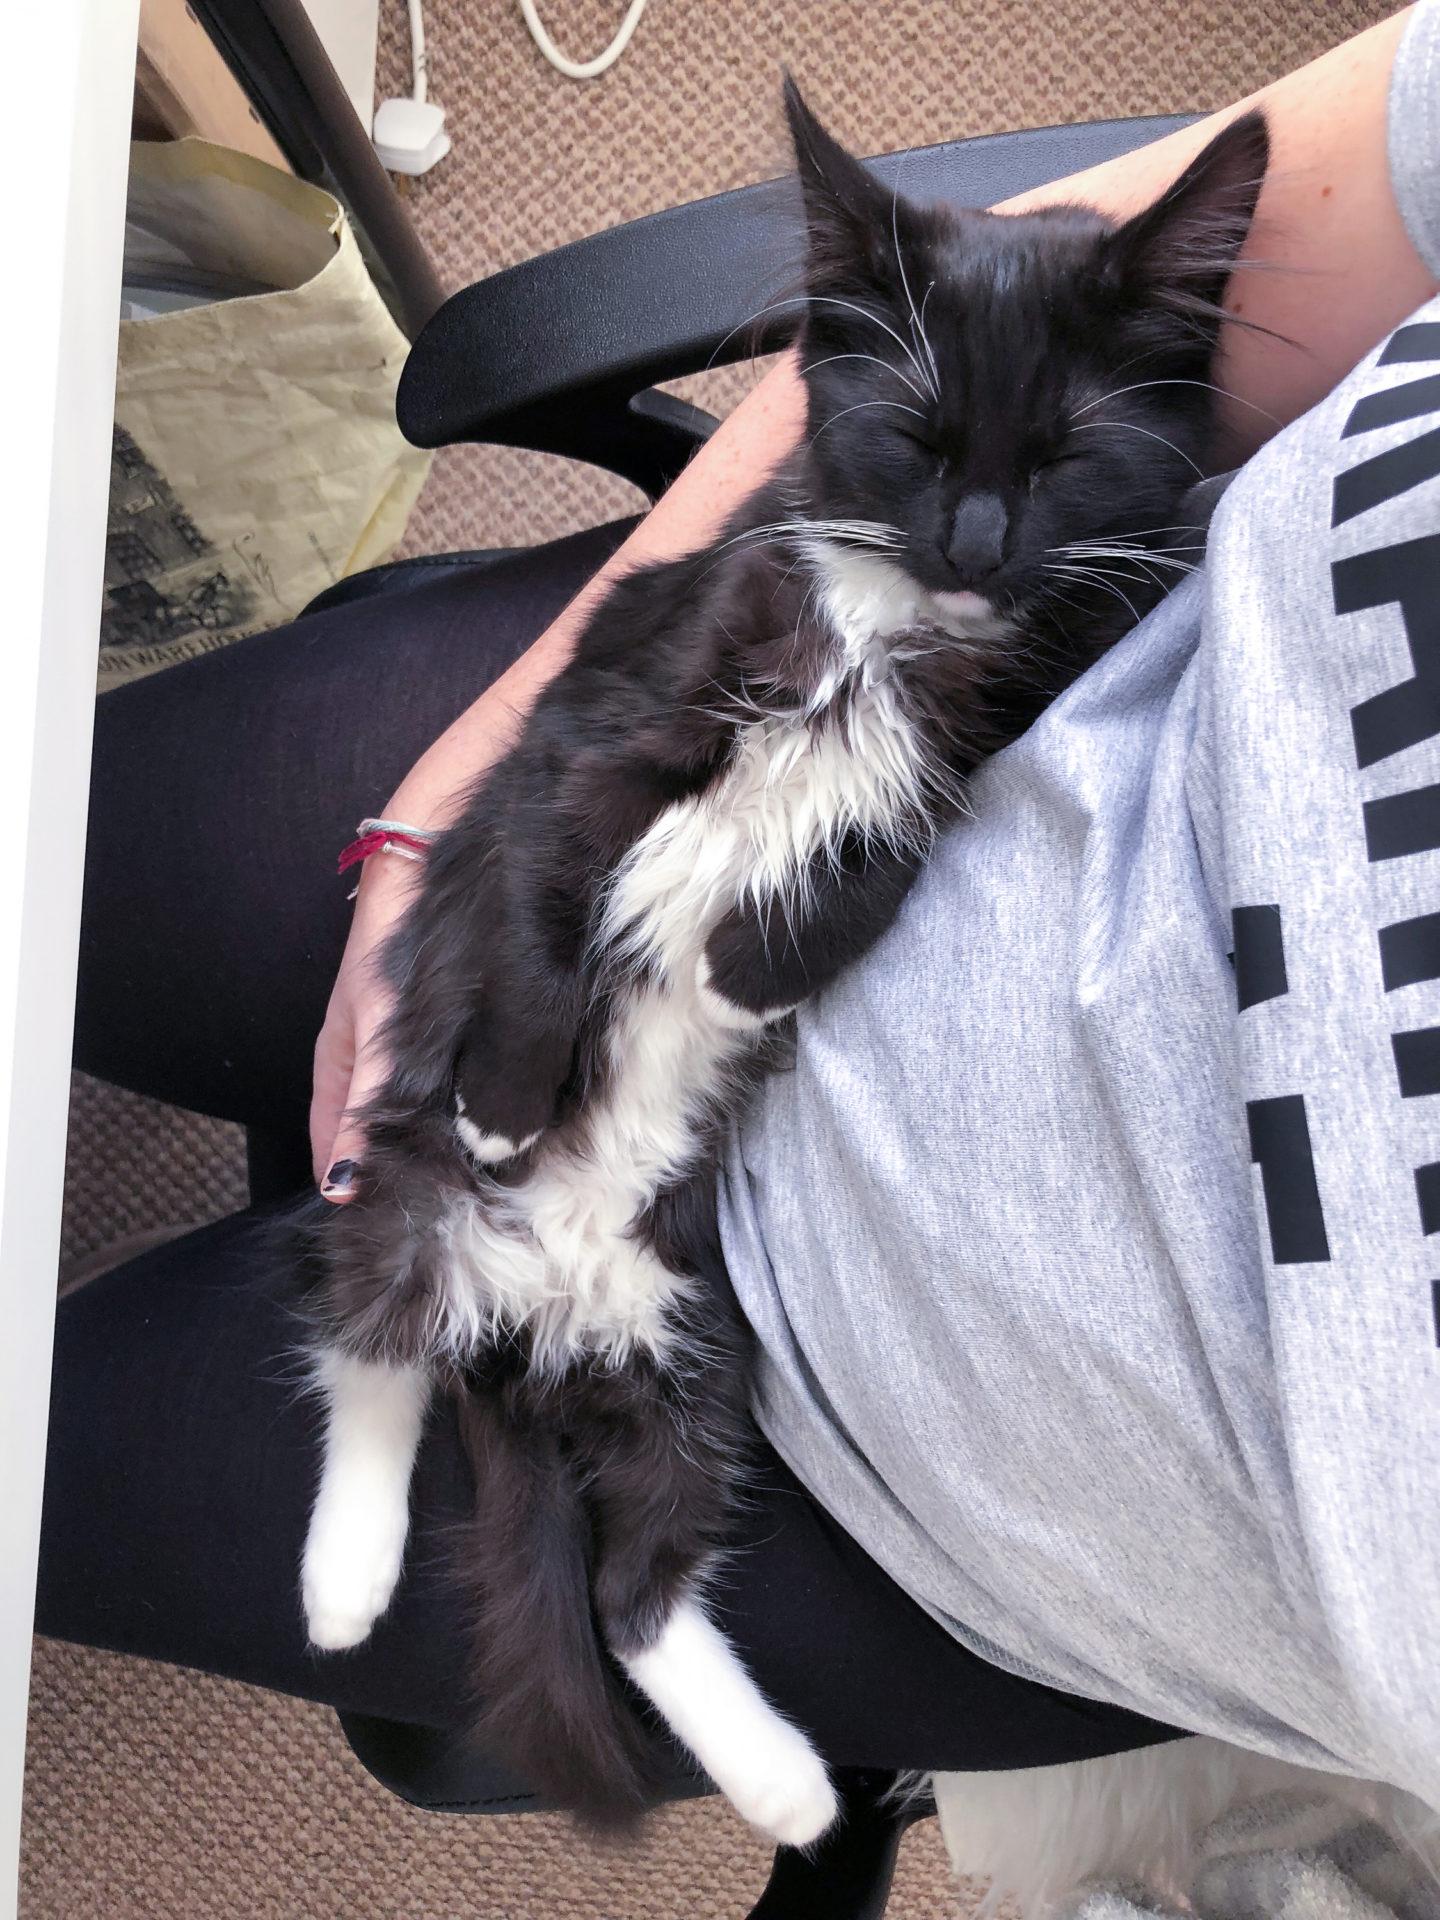 Bear the kitten